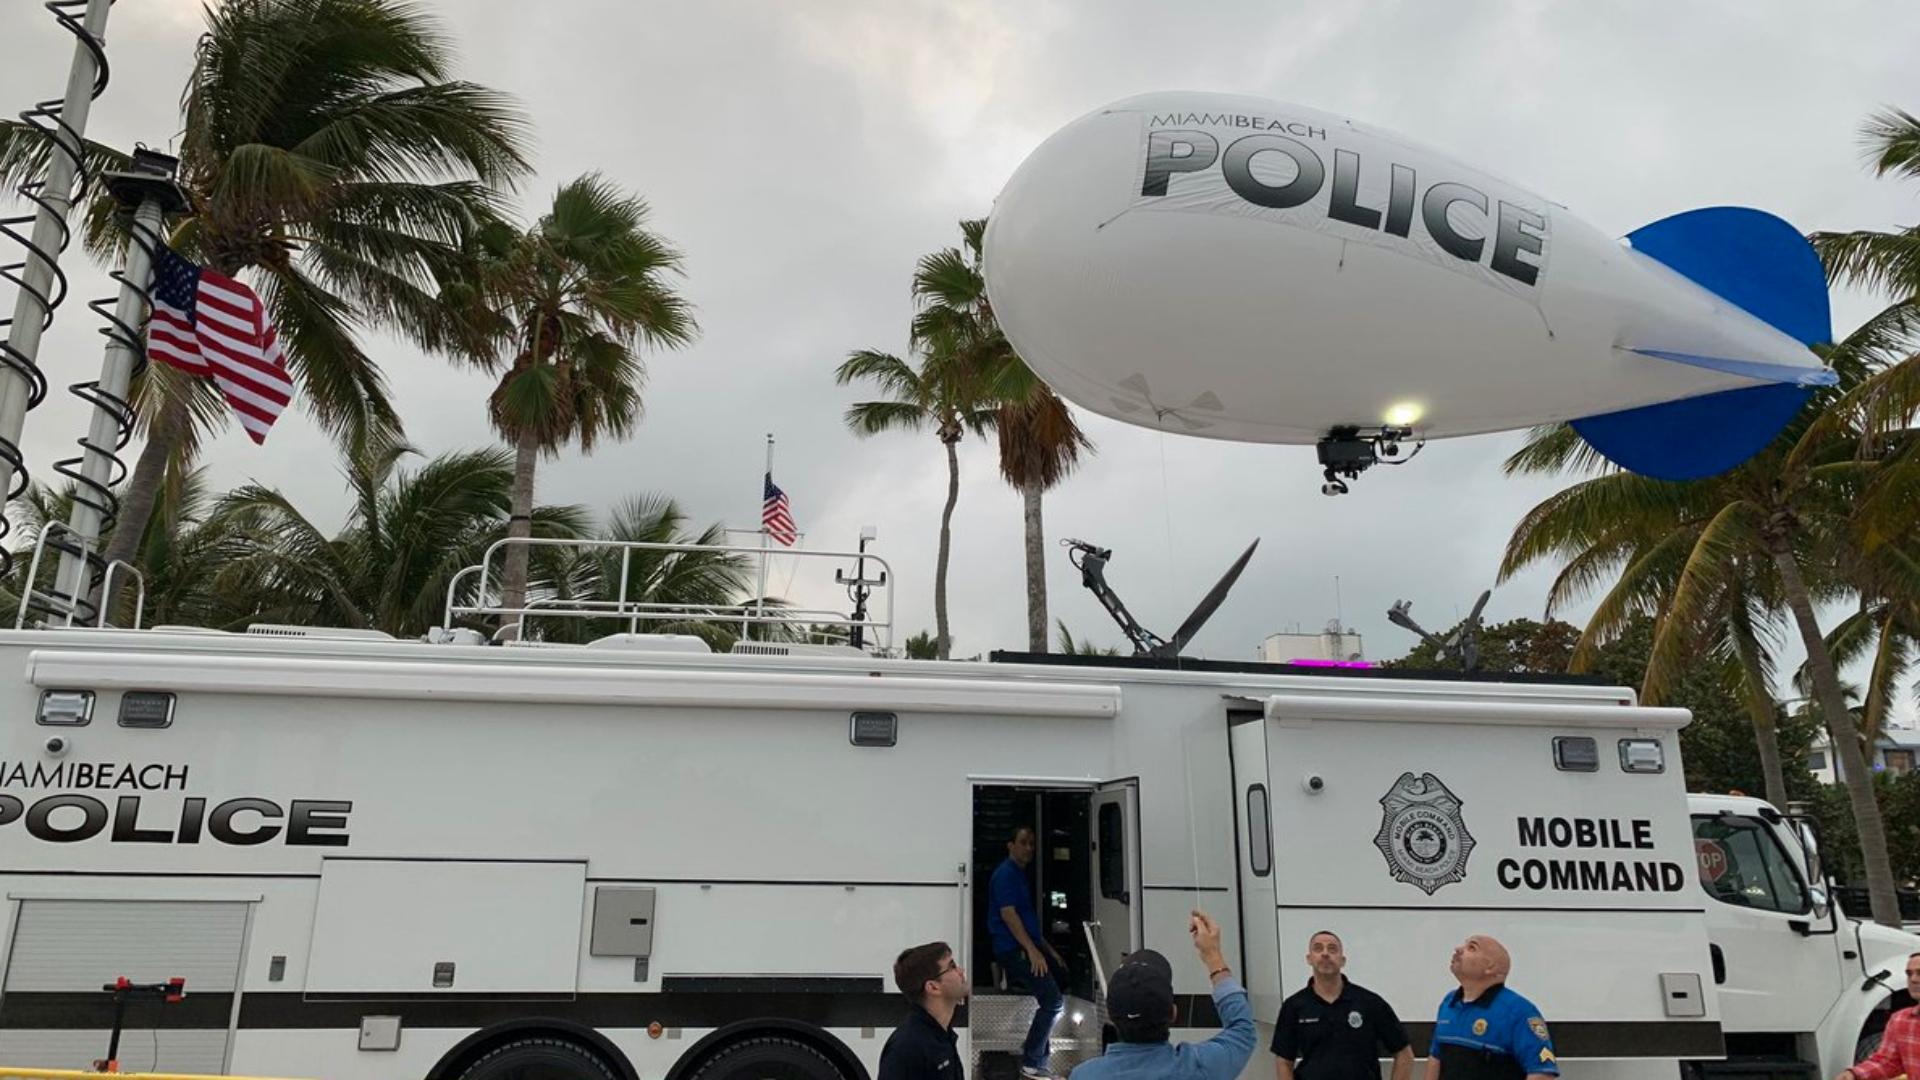 Estos son los dirigibles con los que los estadounidenses espían a los ciudadanos (Fotos: Twitter/@PaulAcostaMBPD)